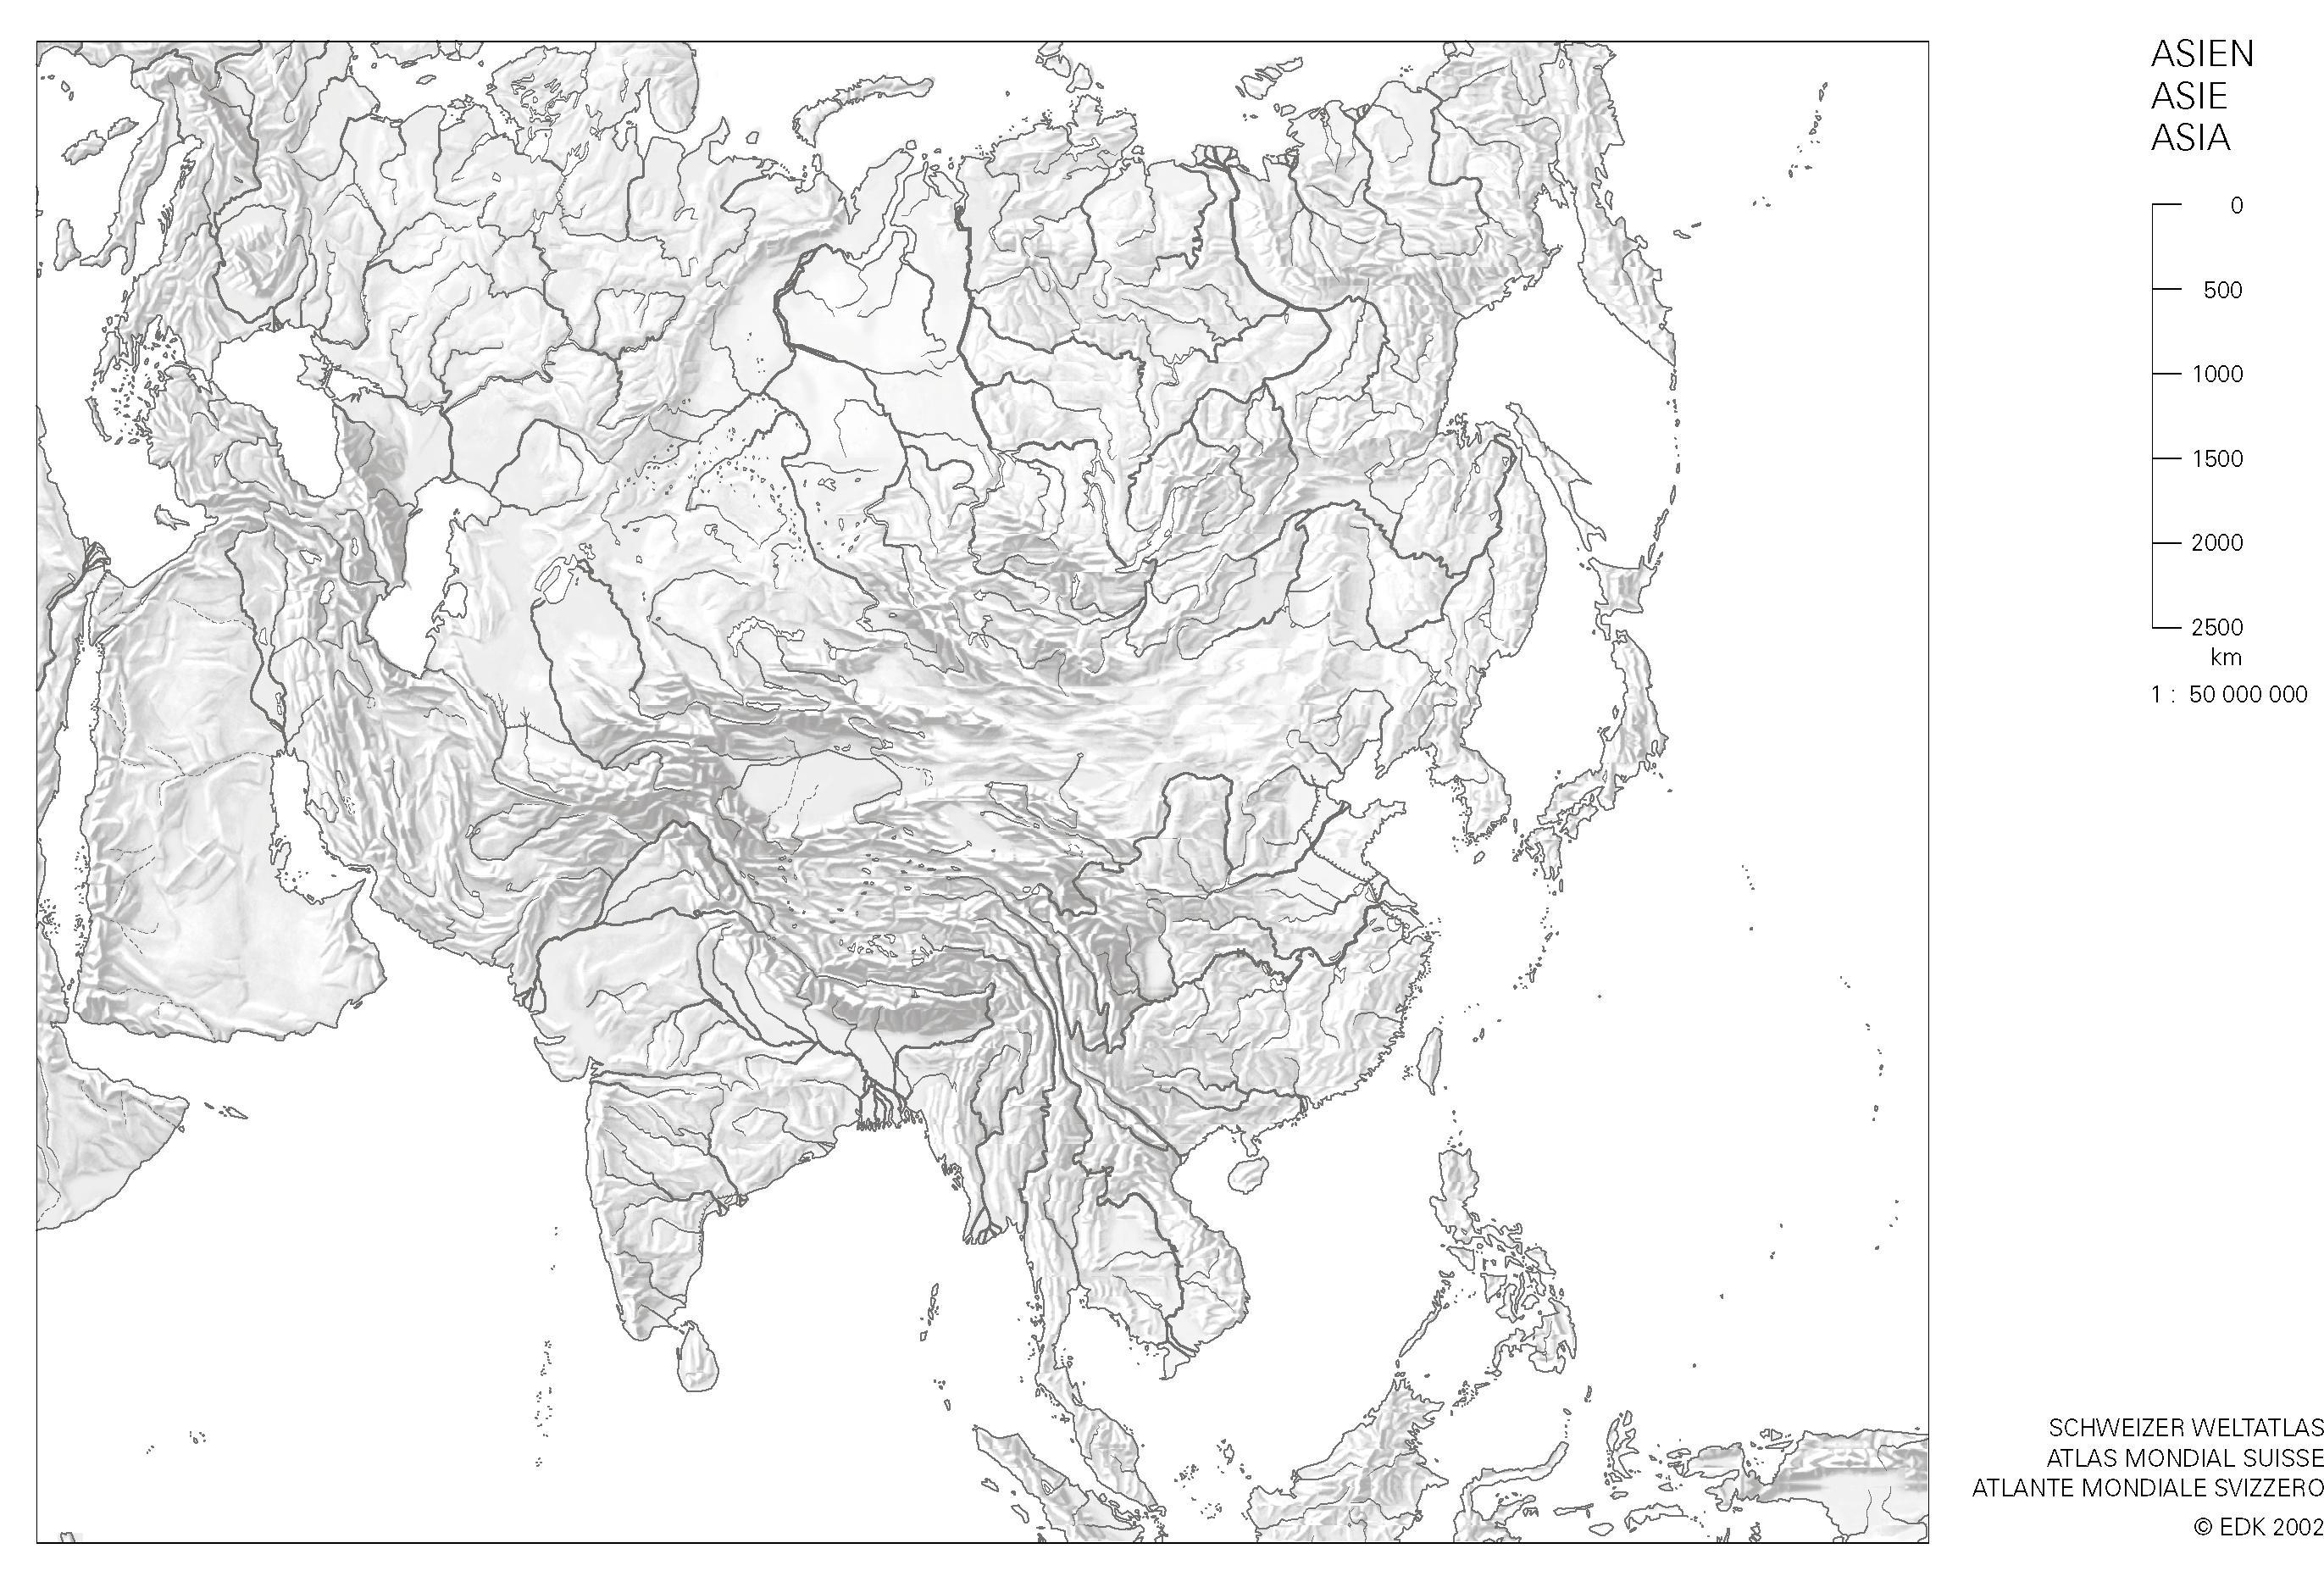 SwissEduc - Geographie - Atlas-Kopiervorlagen